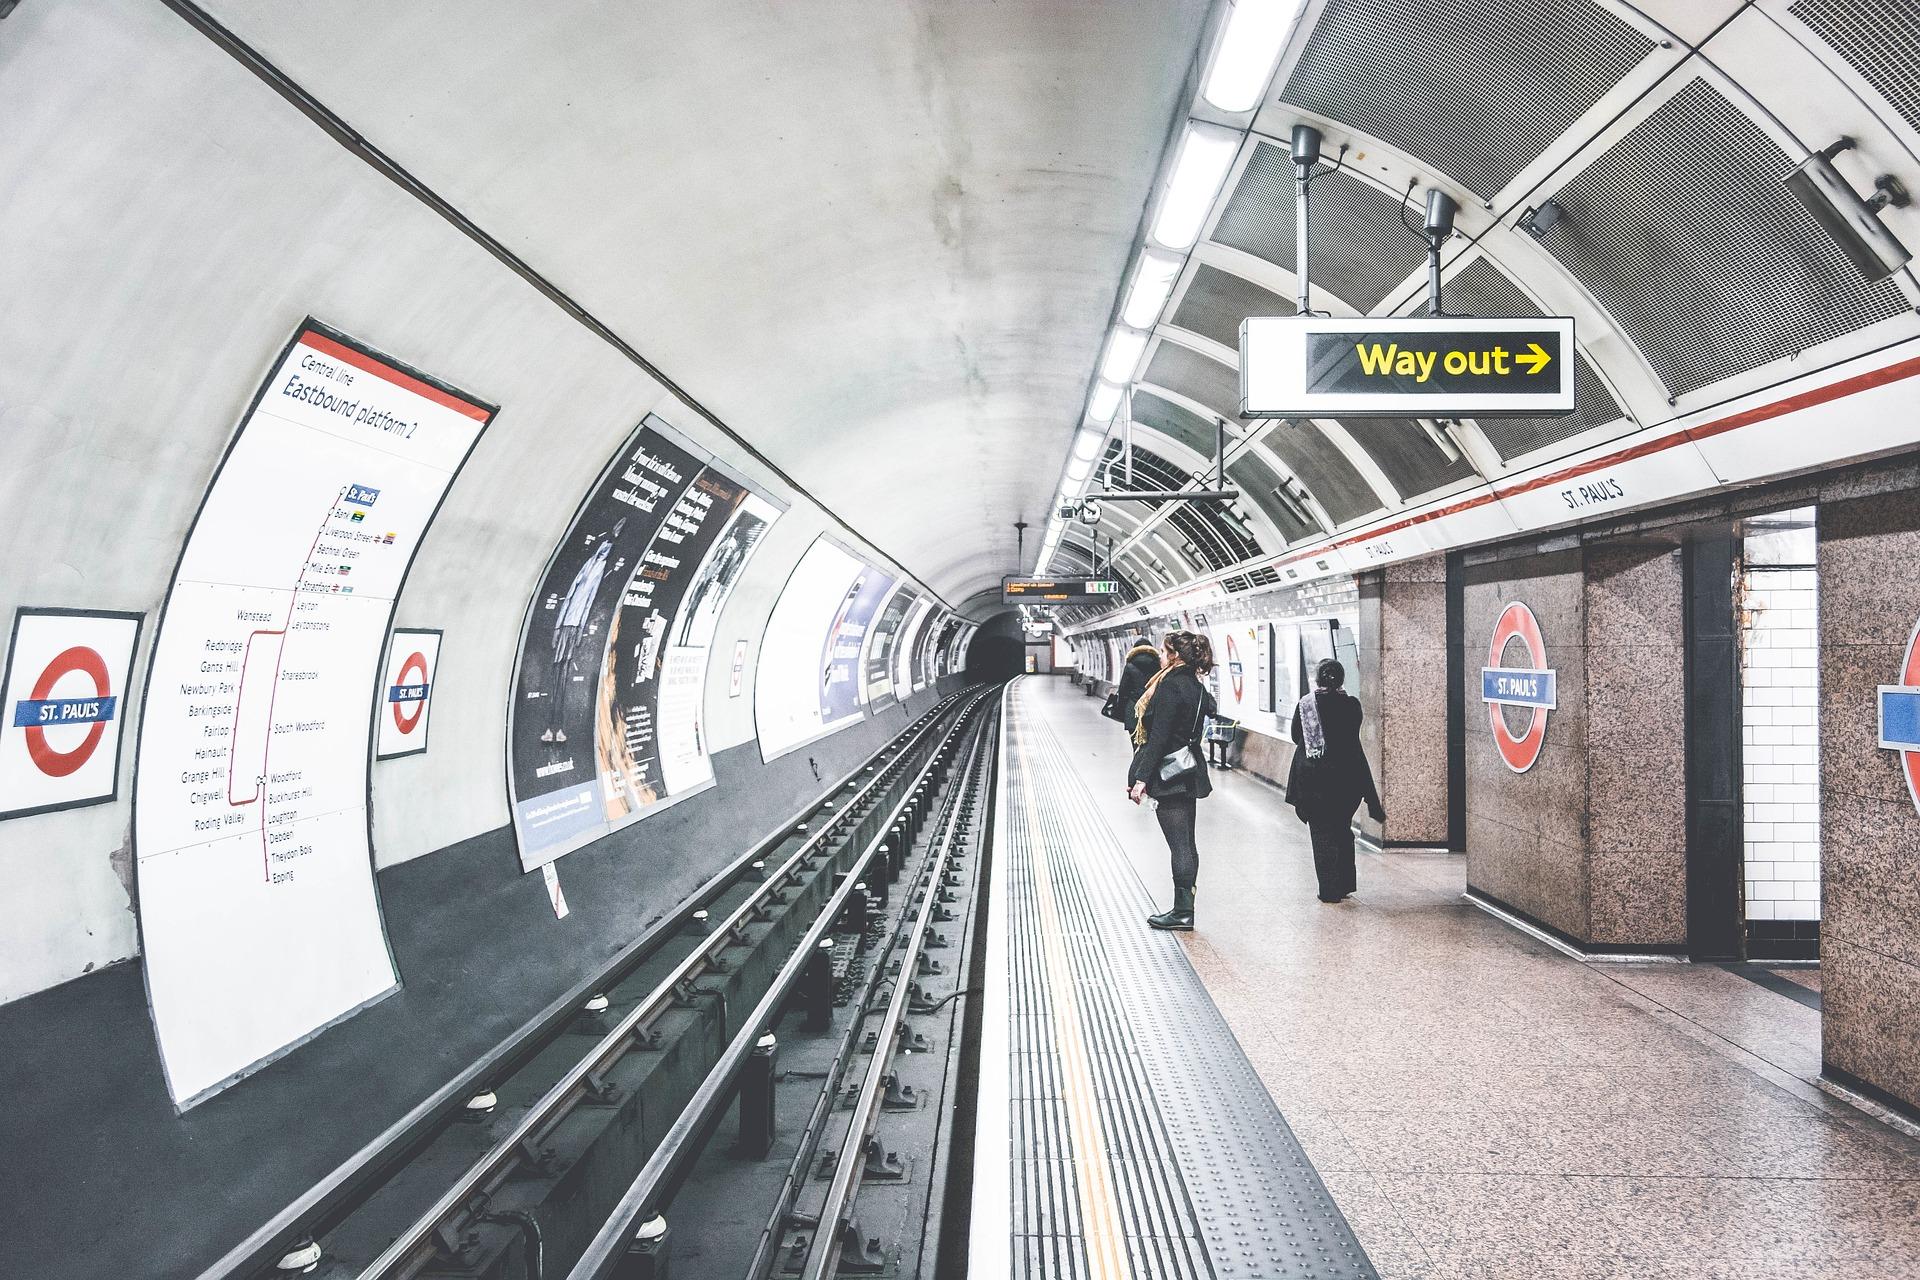 地铁, 伦敦, 车站, 英格兰, Anden, 等待着你 - 高清壁纸 - 教授-falken.com